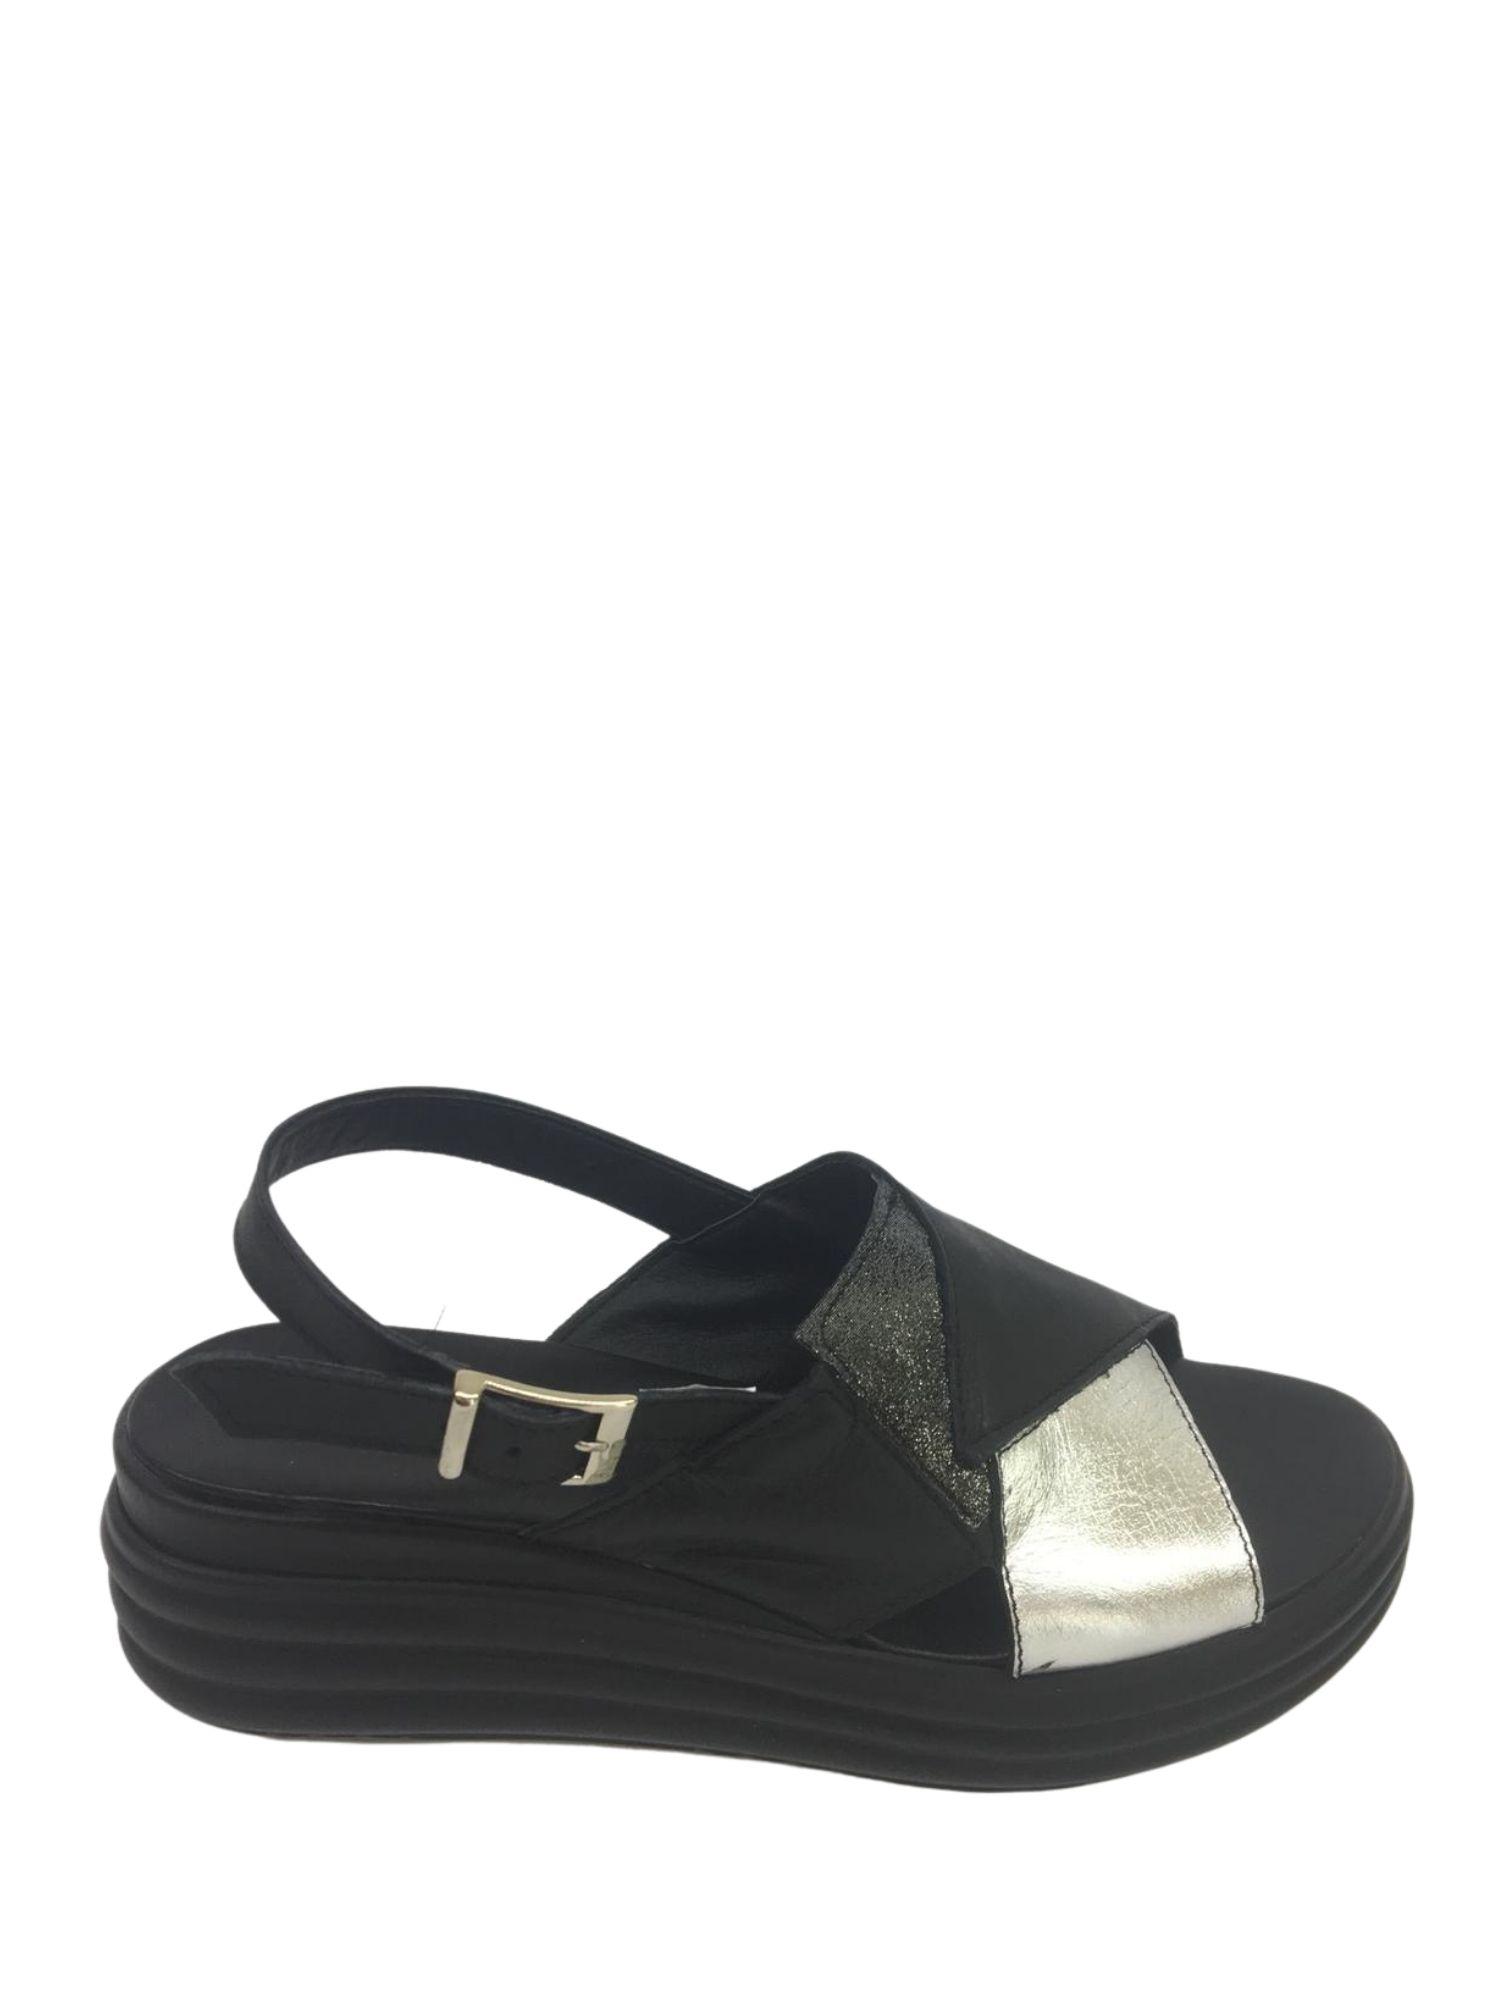 Sandalo Made in Italy 409 Nero